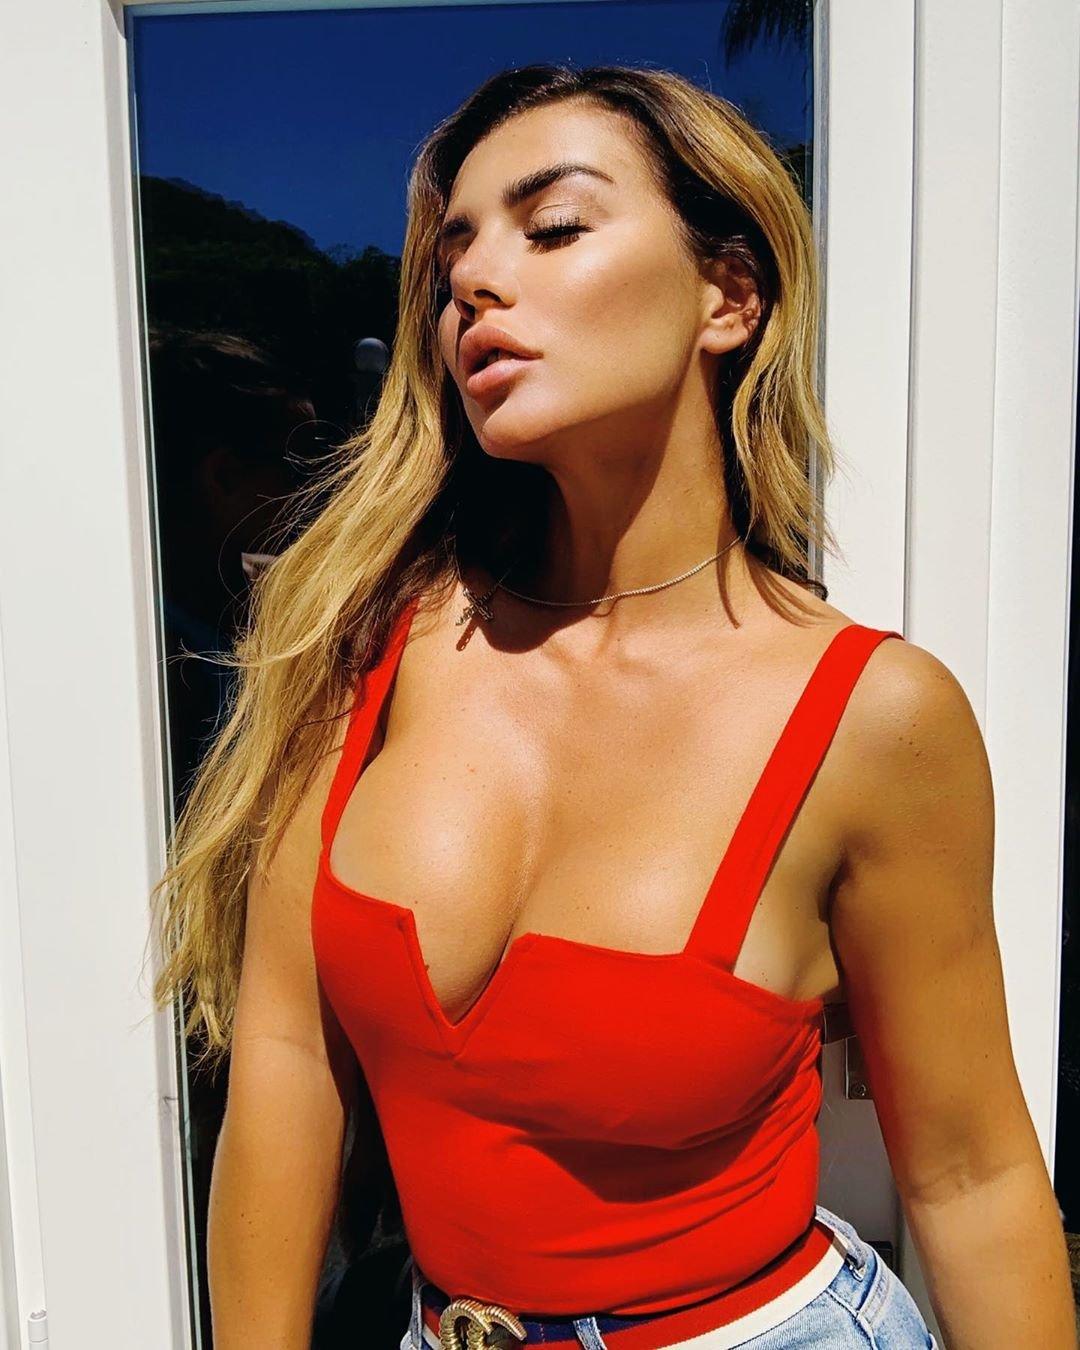 Певица Анна Седокова шокировала состоянием кожи. Пятна по всему лицу и телу